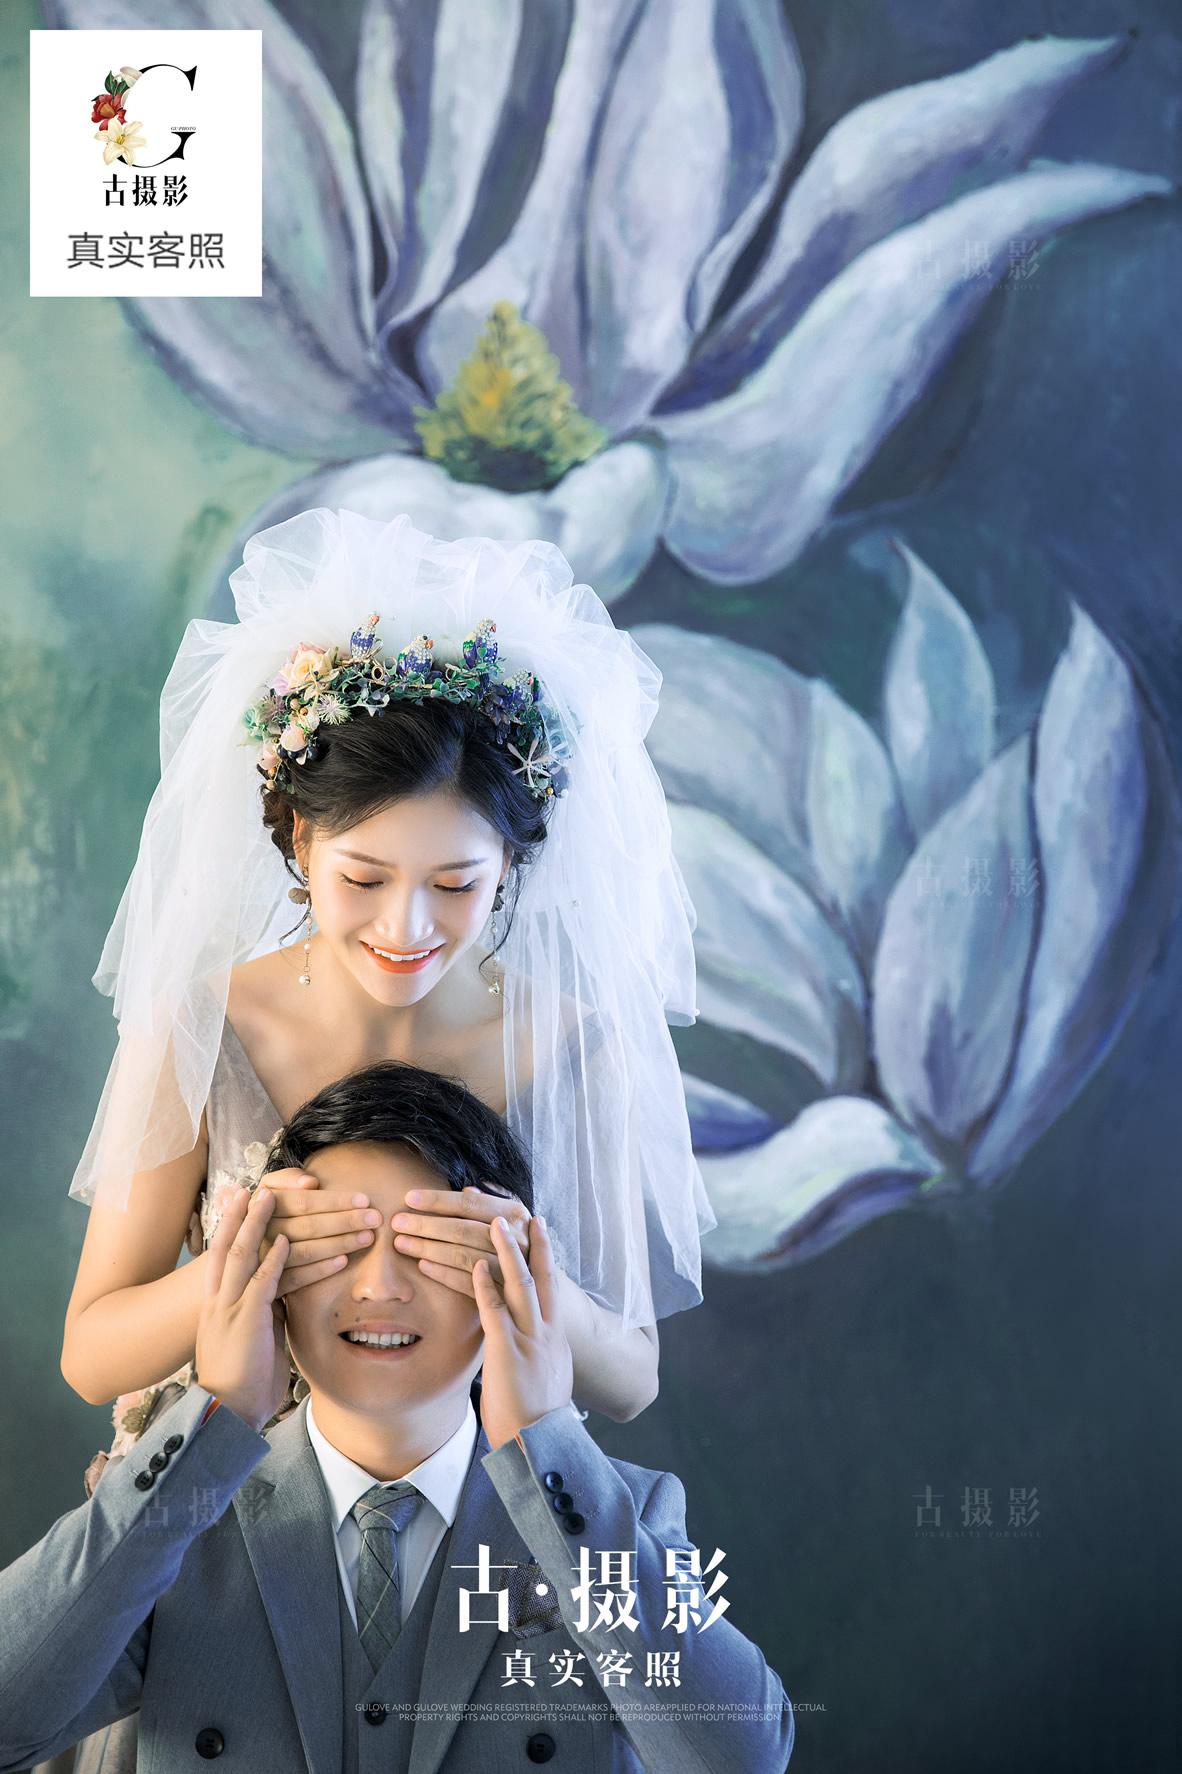 10月31日客片普先生 赵小姐 - 每日客照 - love昆明古摄影-昆明婚纱摄影网